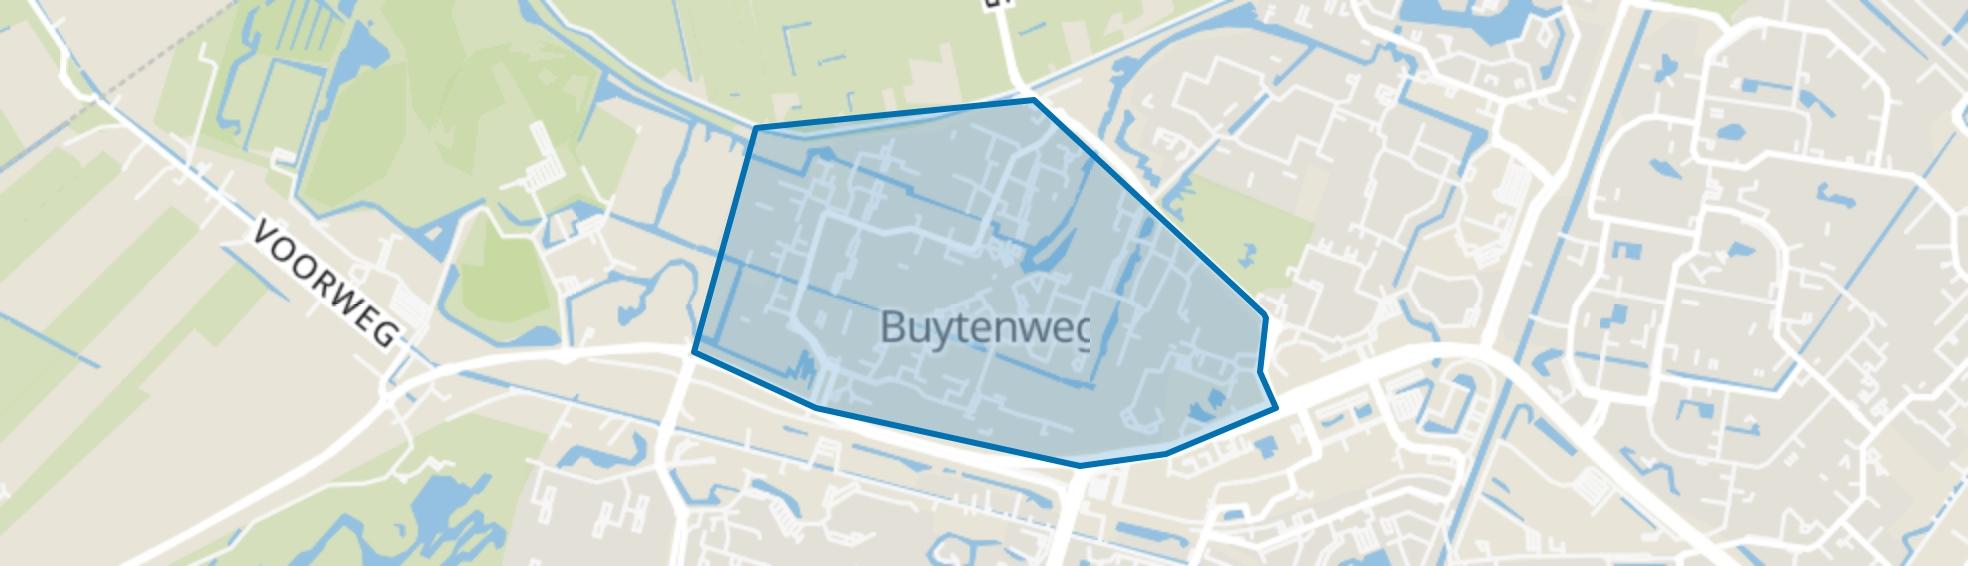 Buytenwegh, Zoetermeer map